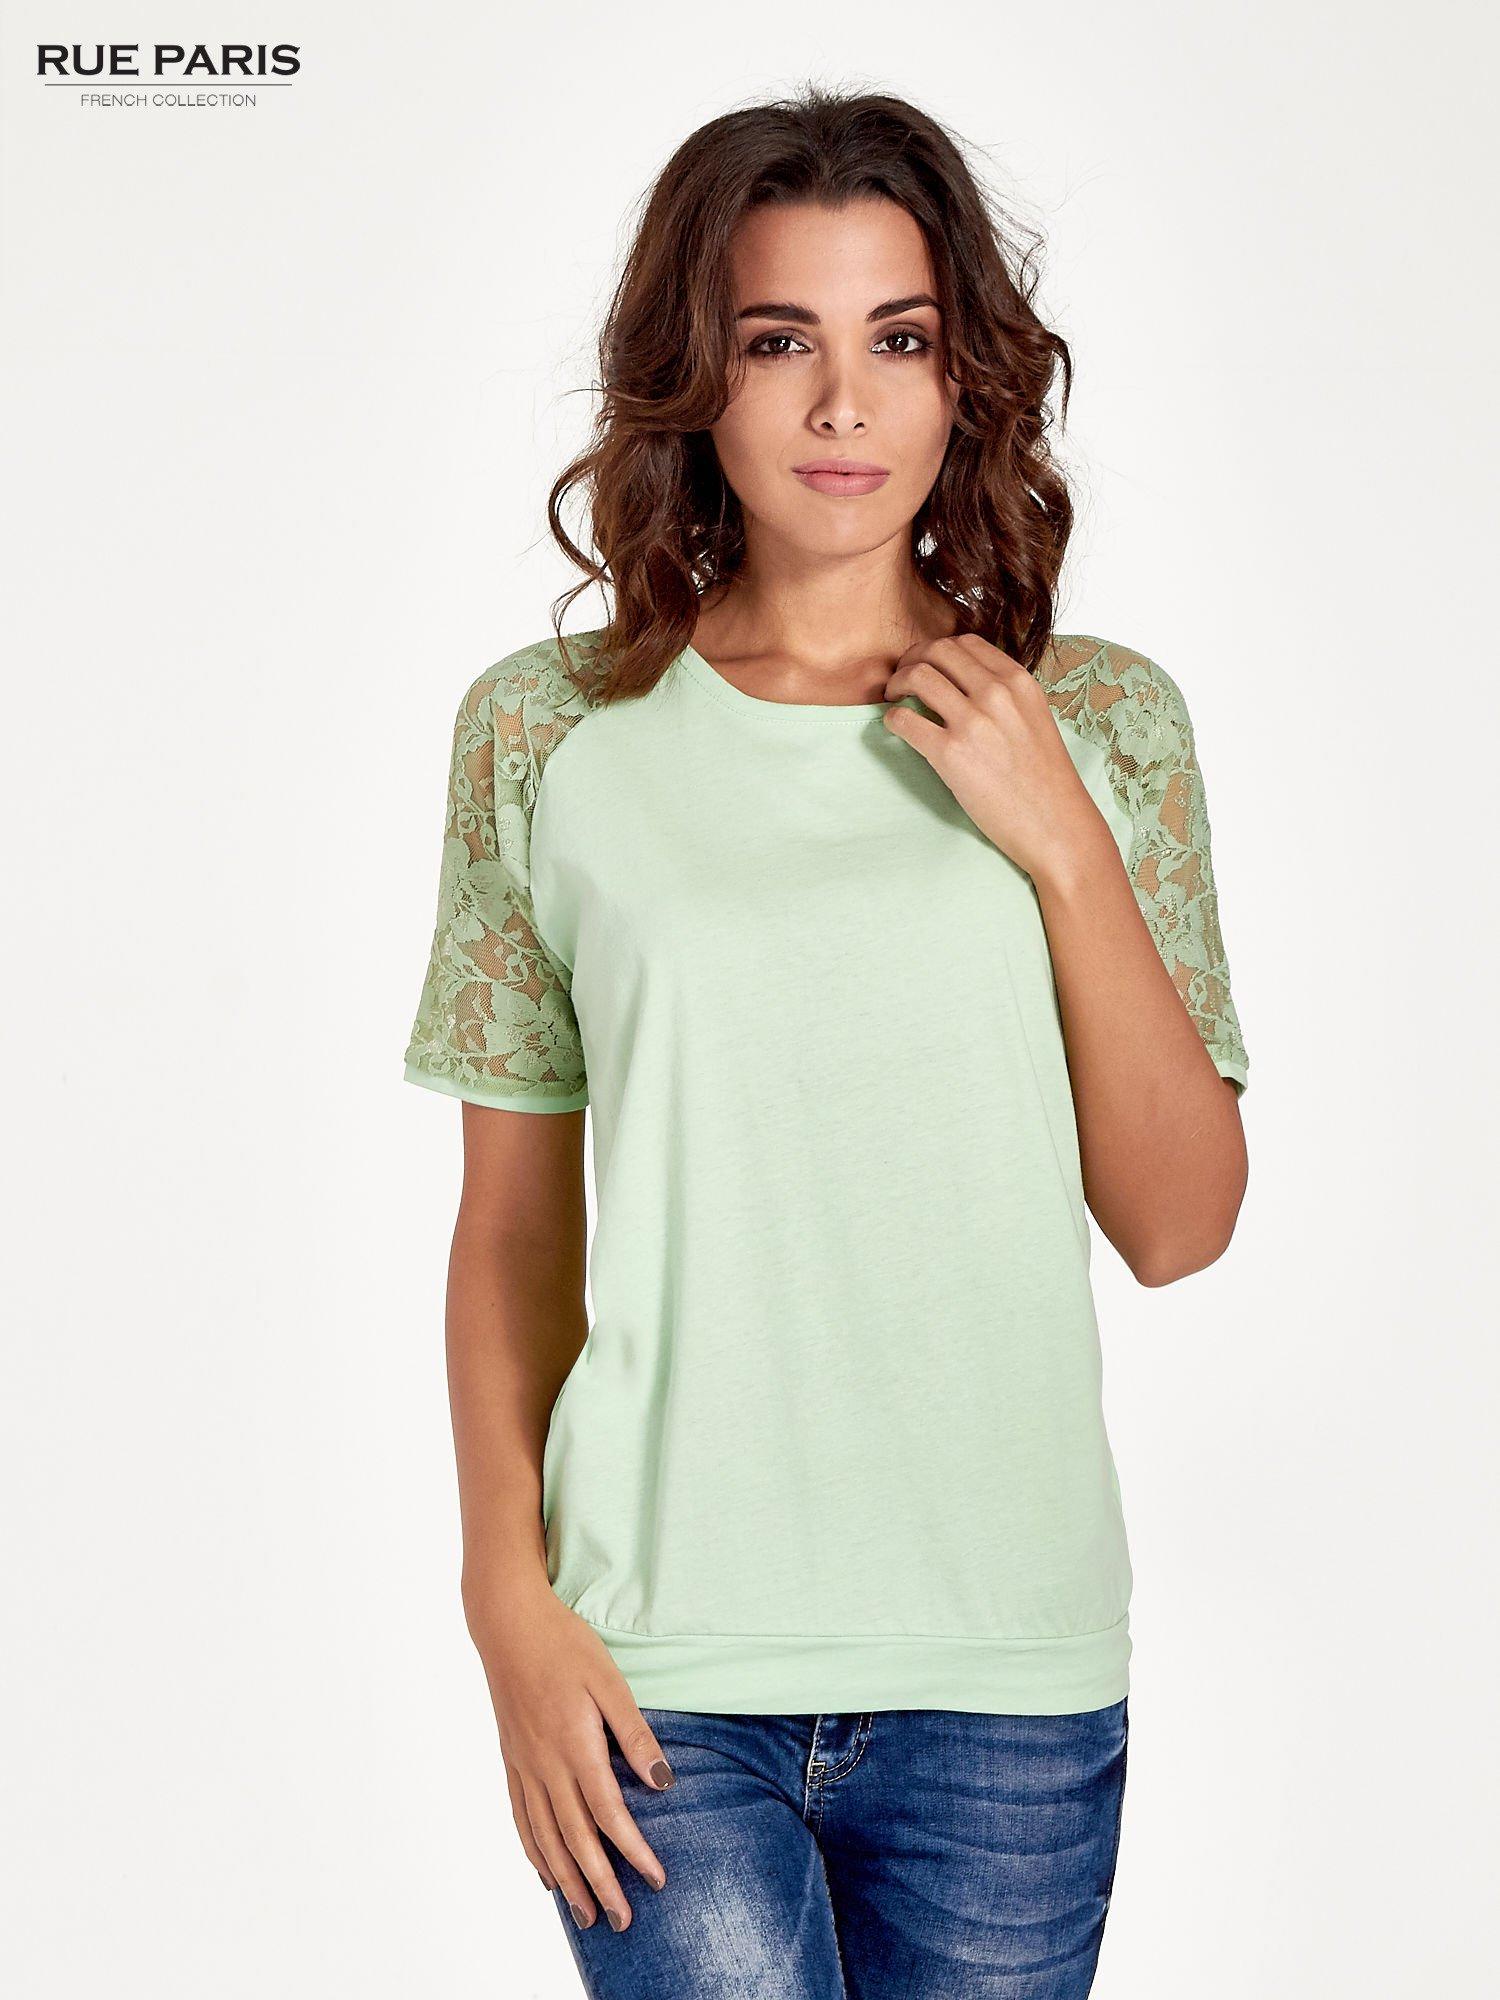 Jasnozielony t-shirt z koronkowymi rękawami długości 3/4                                  zdj.                                  1